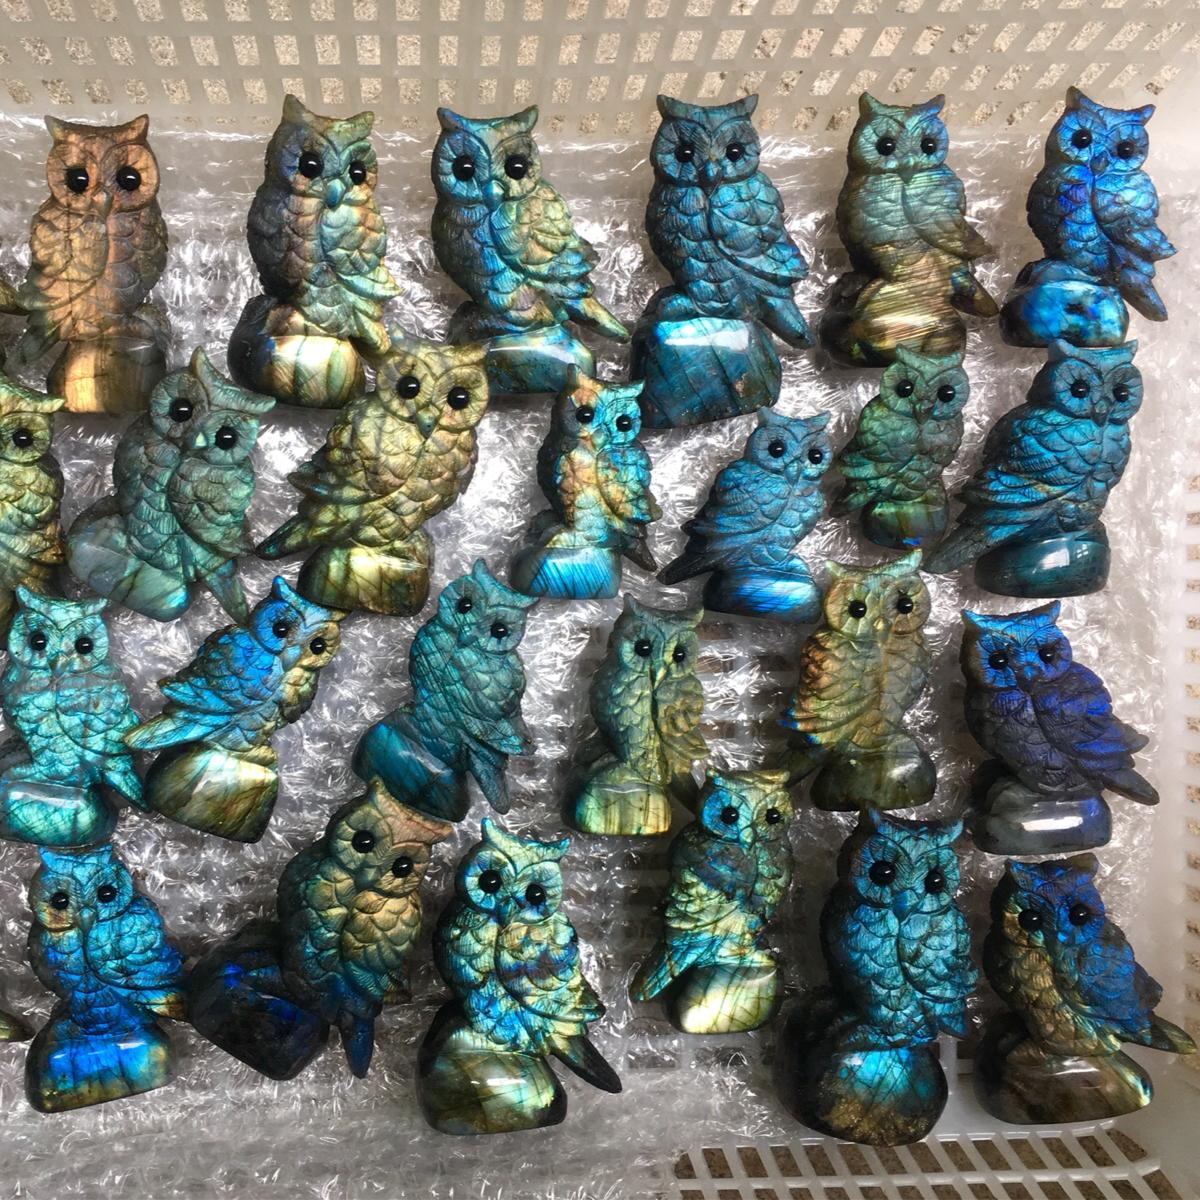 天然拉长石雕刻摆件猫头鹰小鸟百灵鸟鹦鹉景鸡纯手工雕刻外贸产品